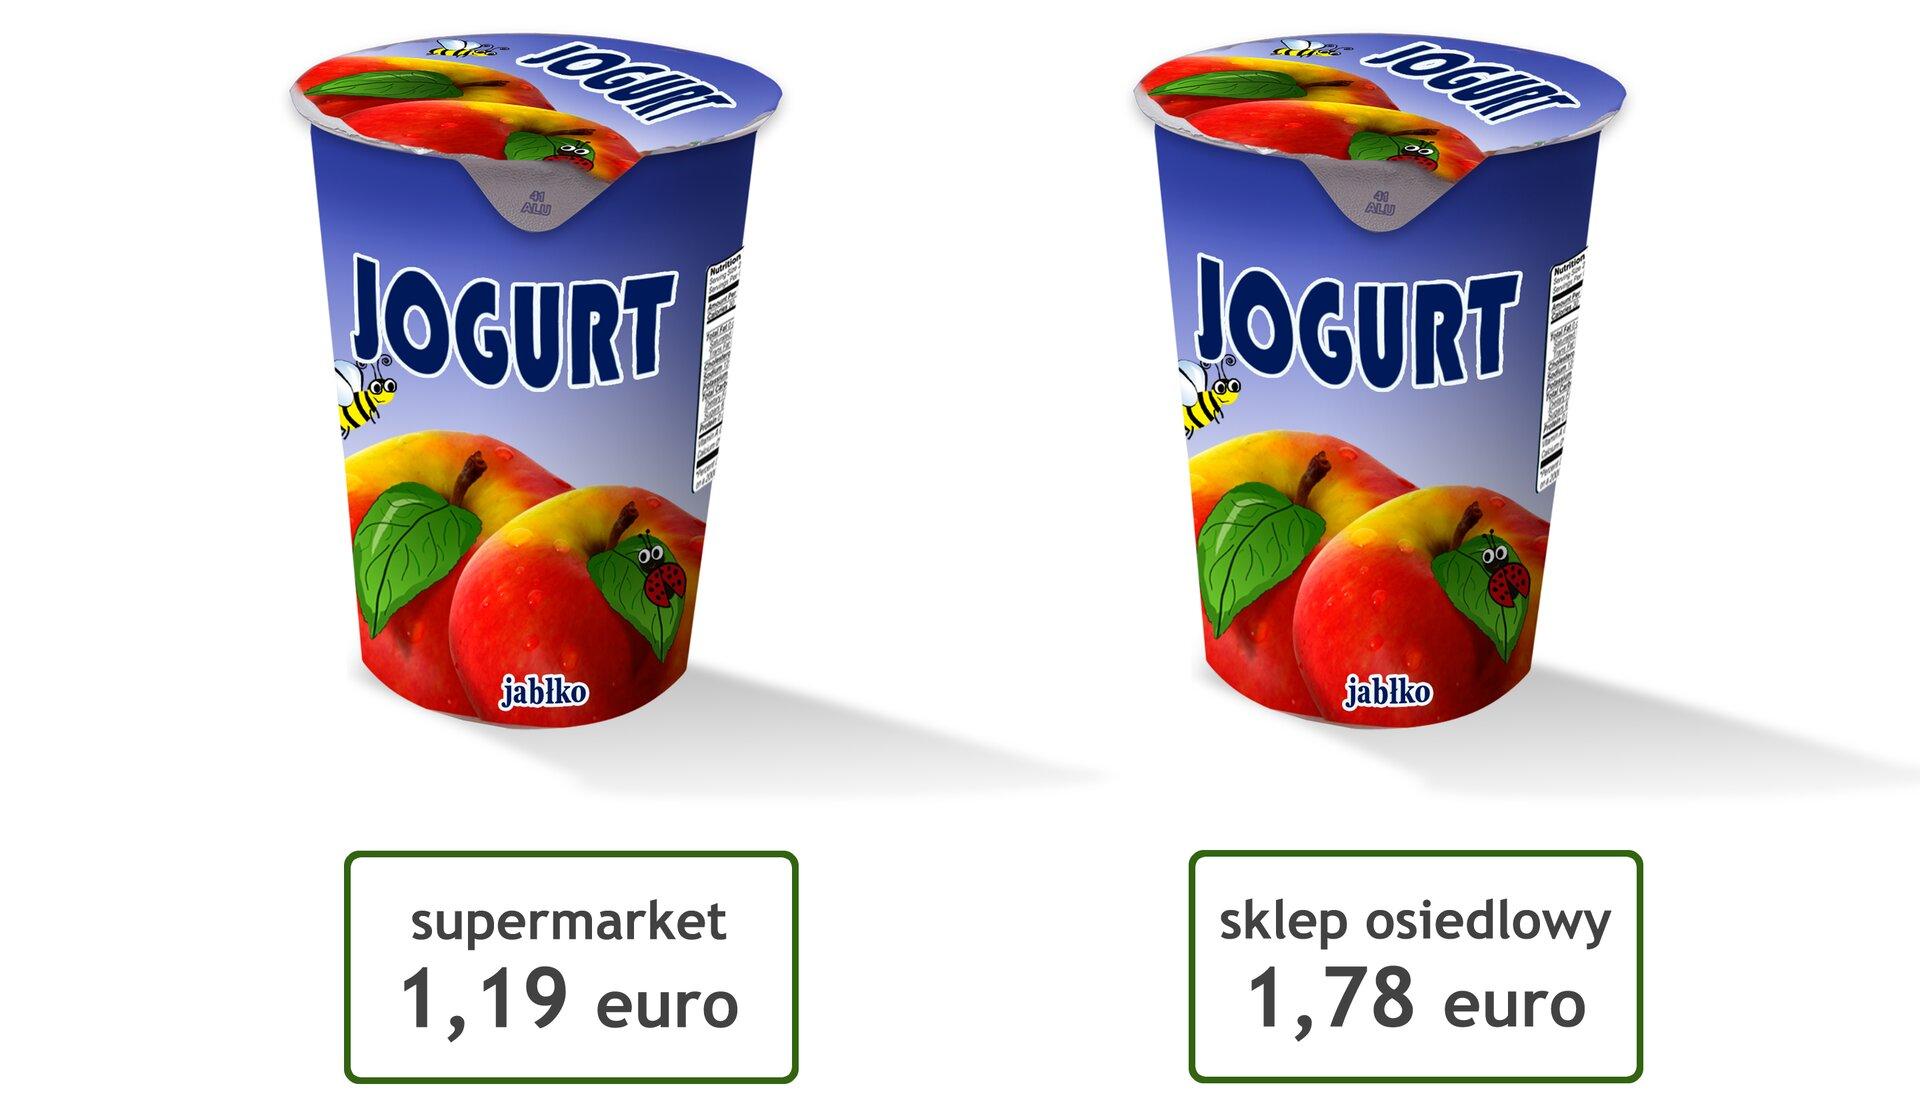 Rysunek dwóch jednakowych pojemników zjogurtem. Cena pierwszego 1,19 euro. Cena drugiego 1,78 euro.